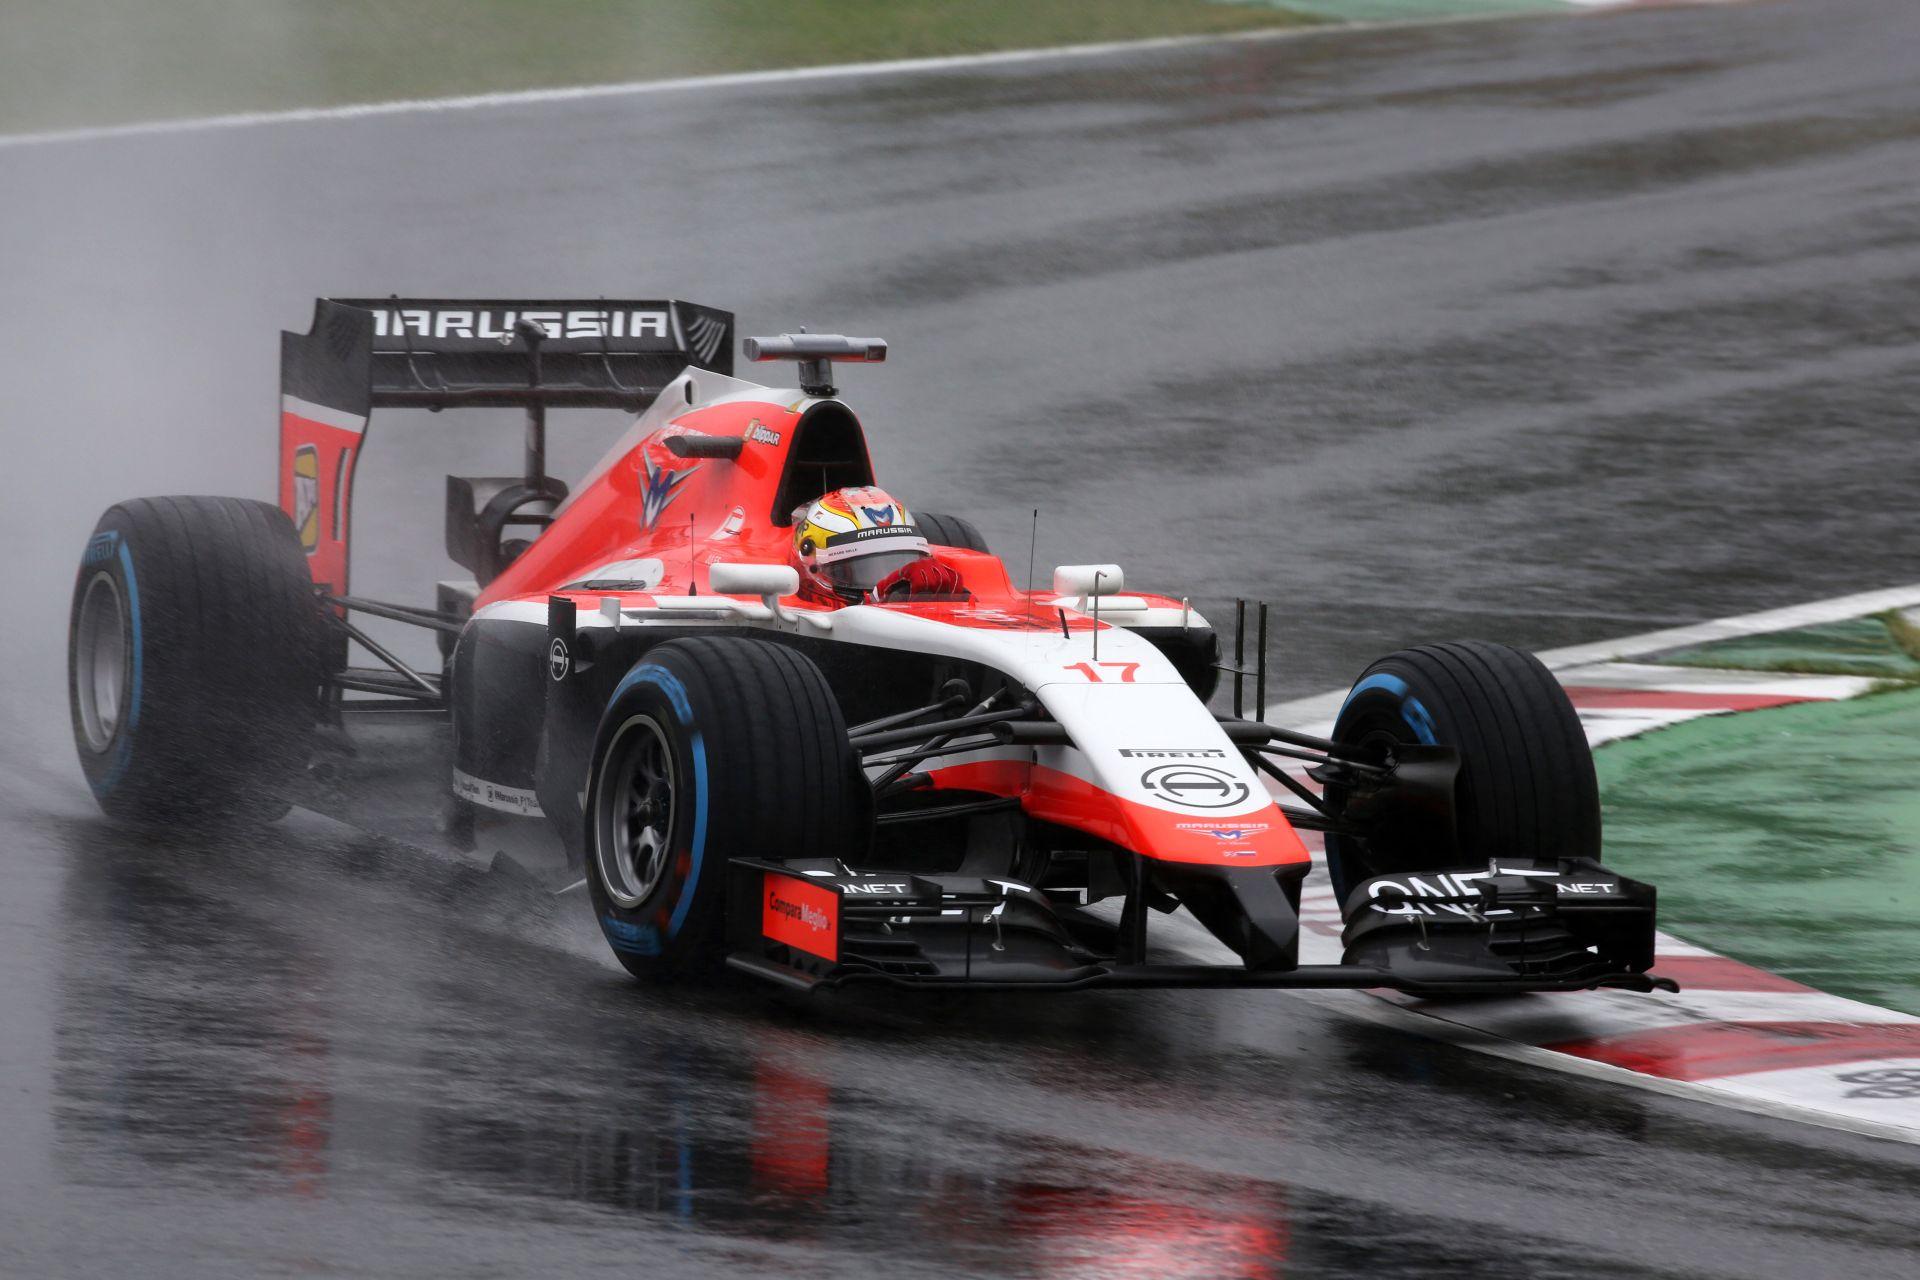 Új biztonsági kamerákat kaphatnak az F1-es autók: Bianchi halála láncreakciót indít